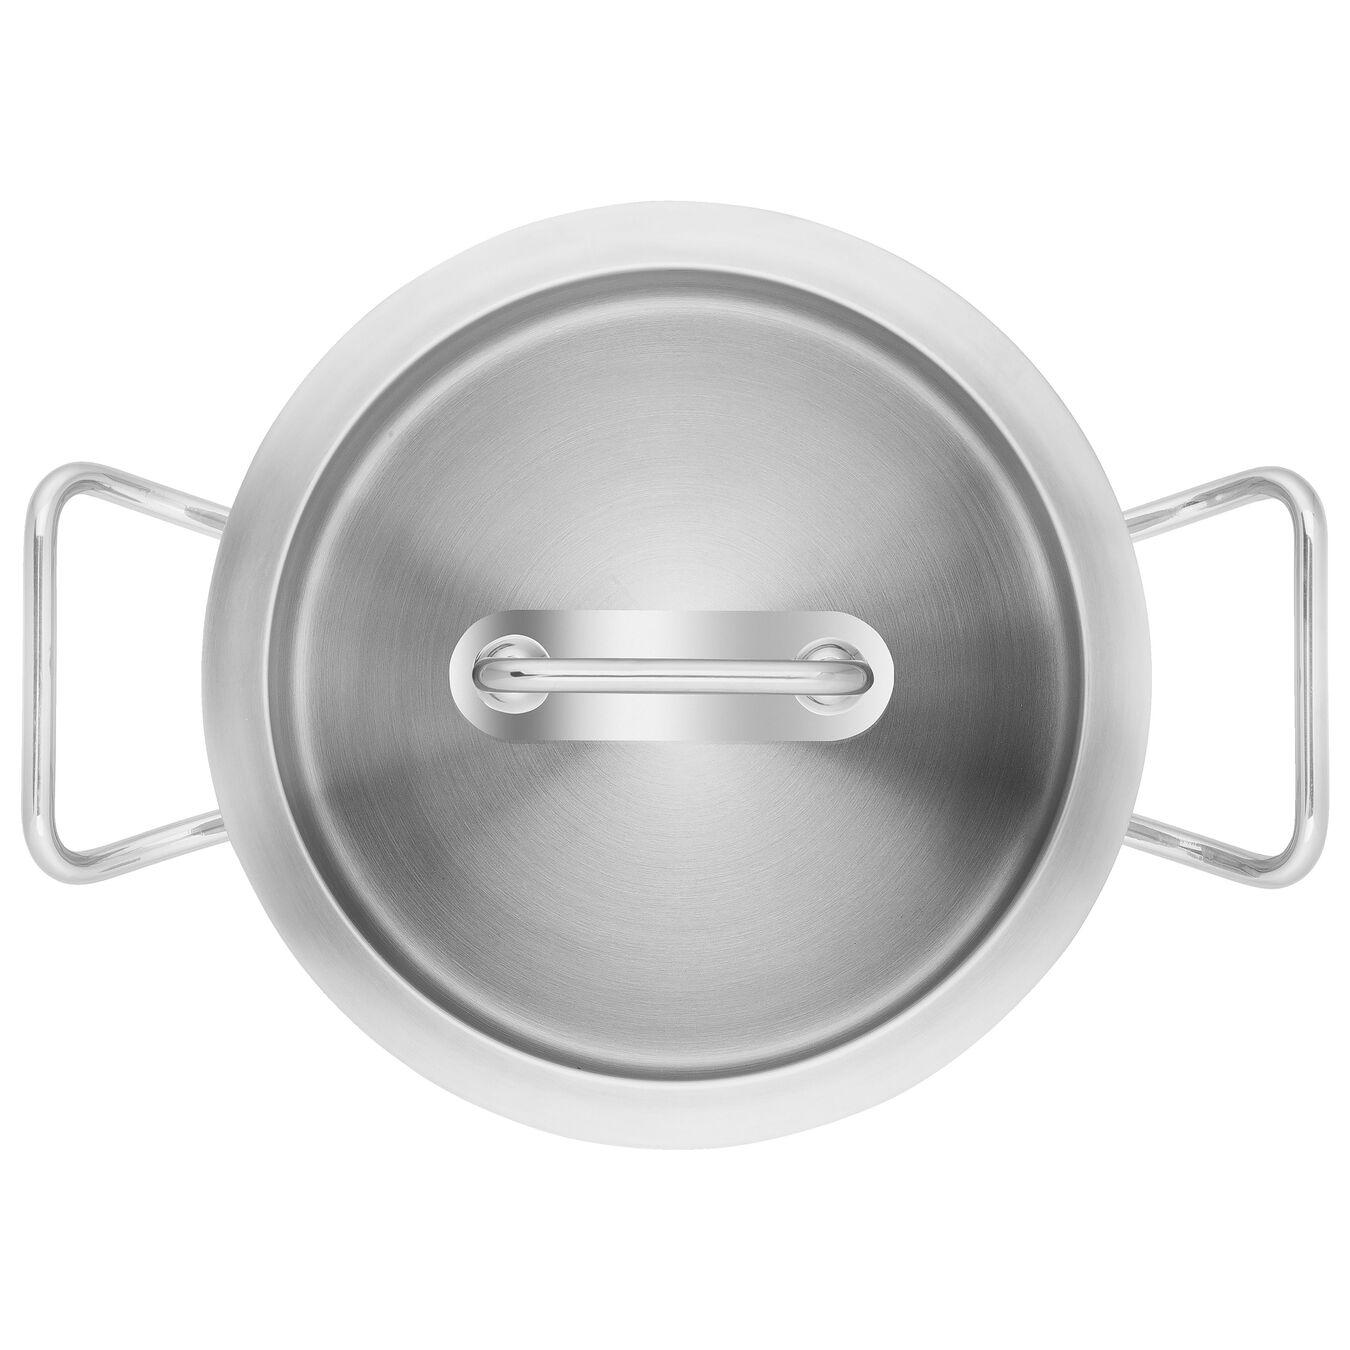 Suppegryde 20 cm, 18/10 rustfrit stål,,large 6